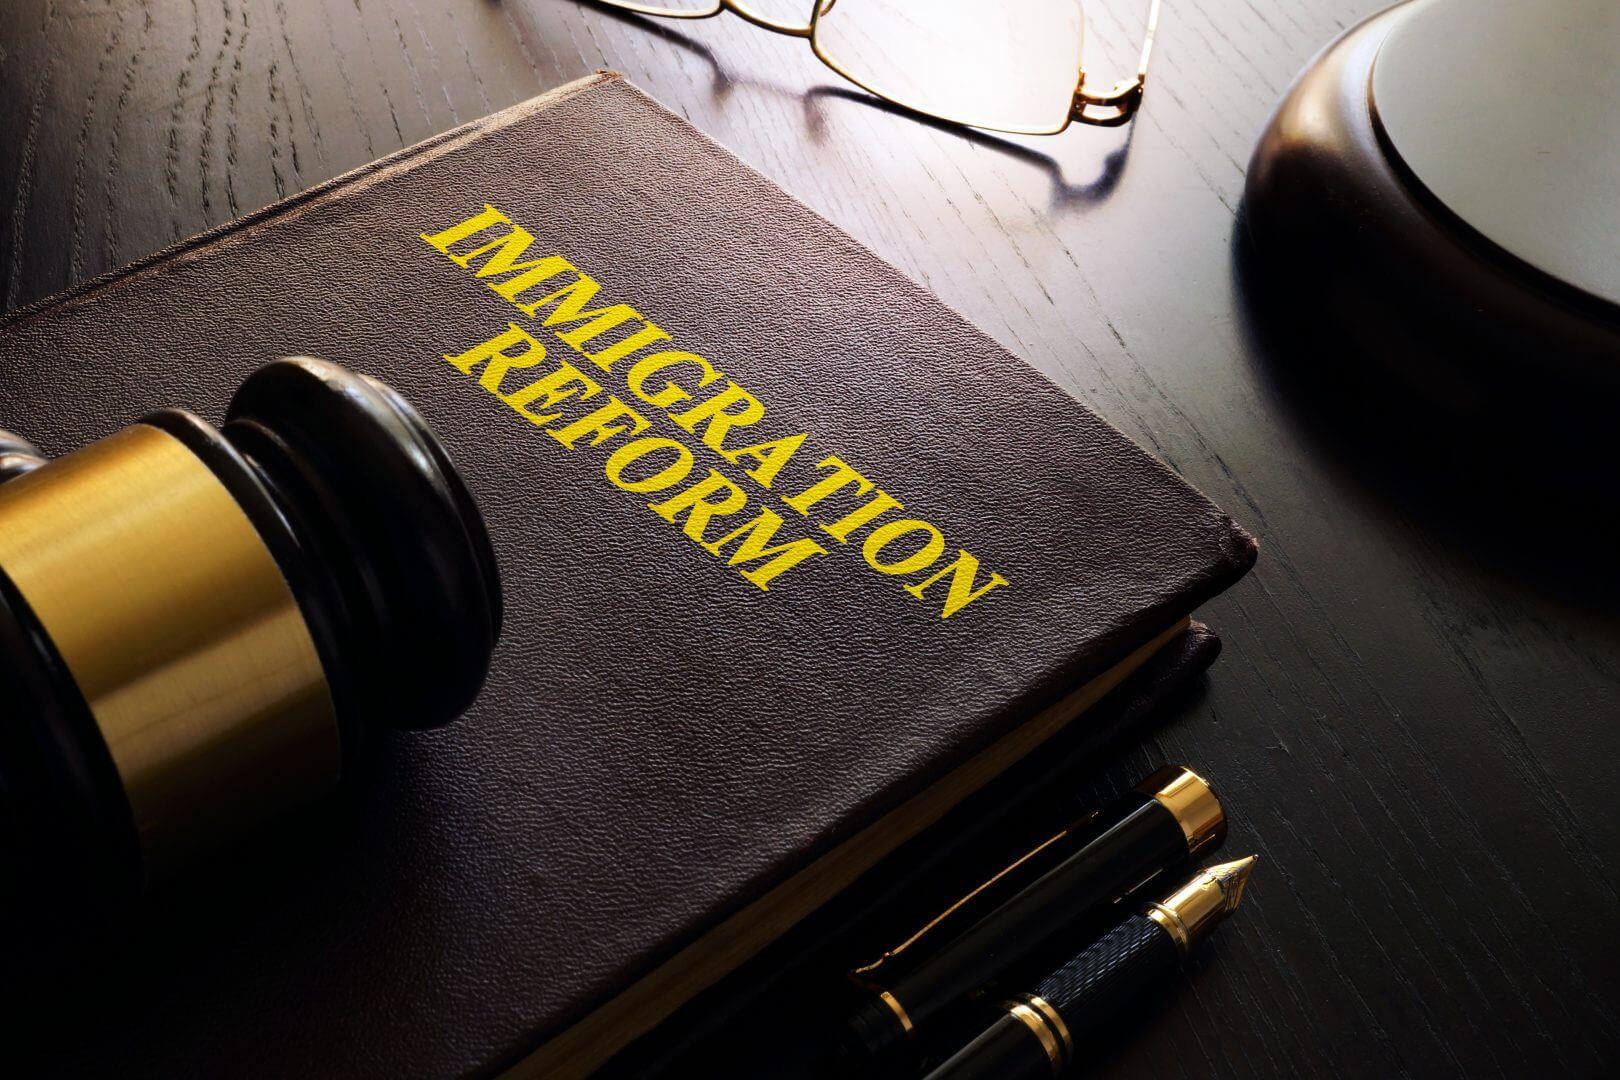 www.immigrationreform.com